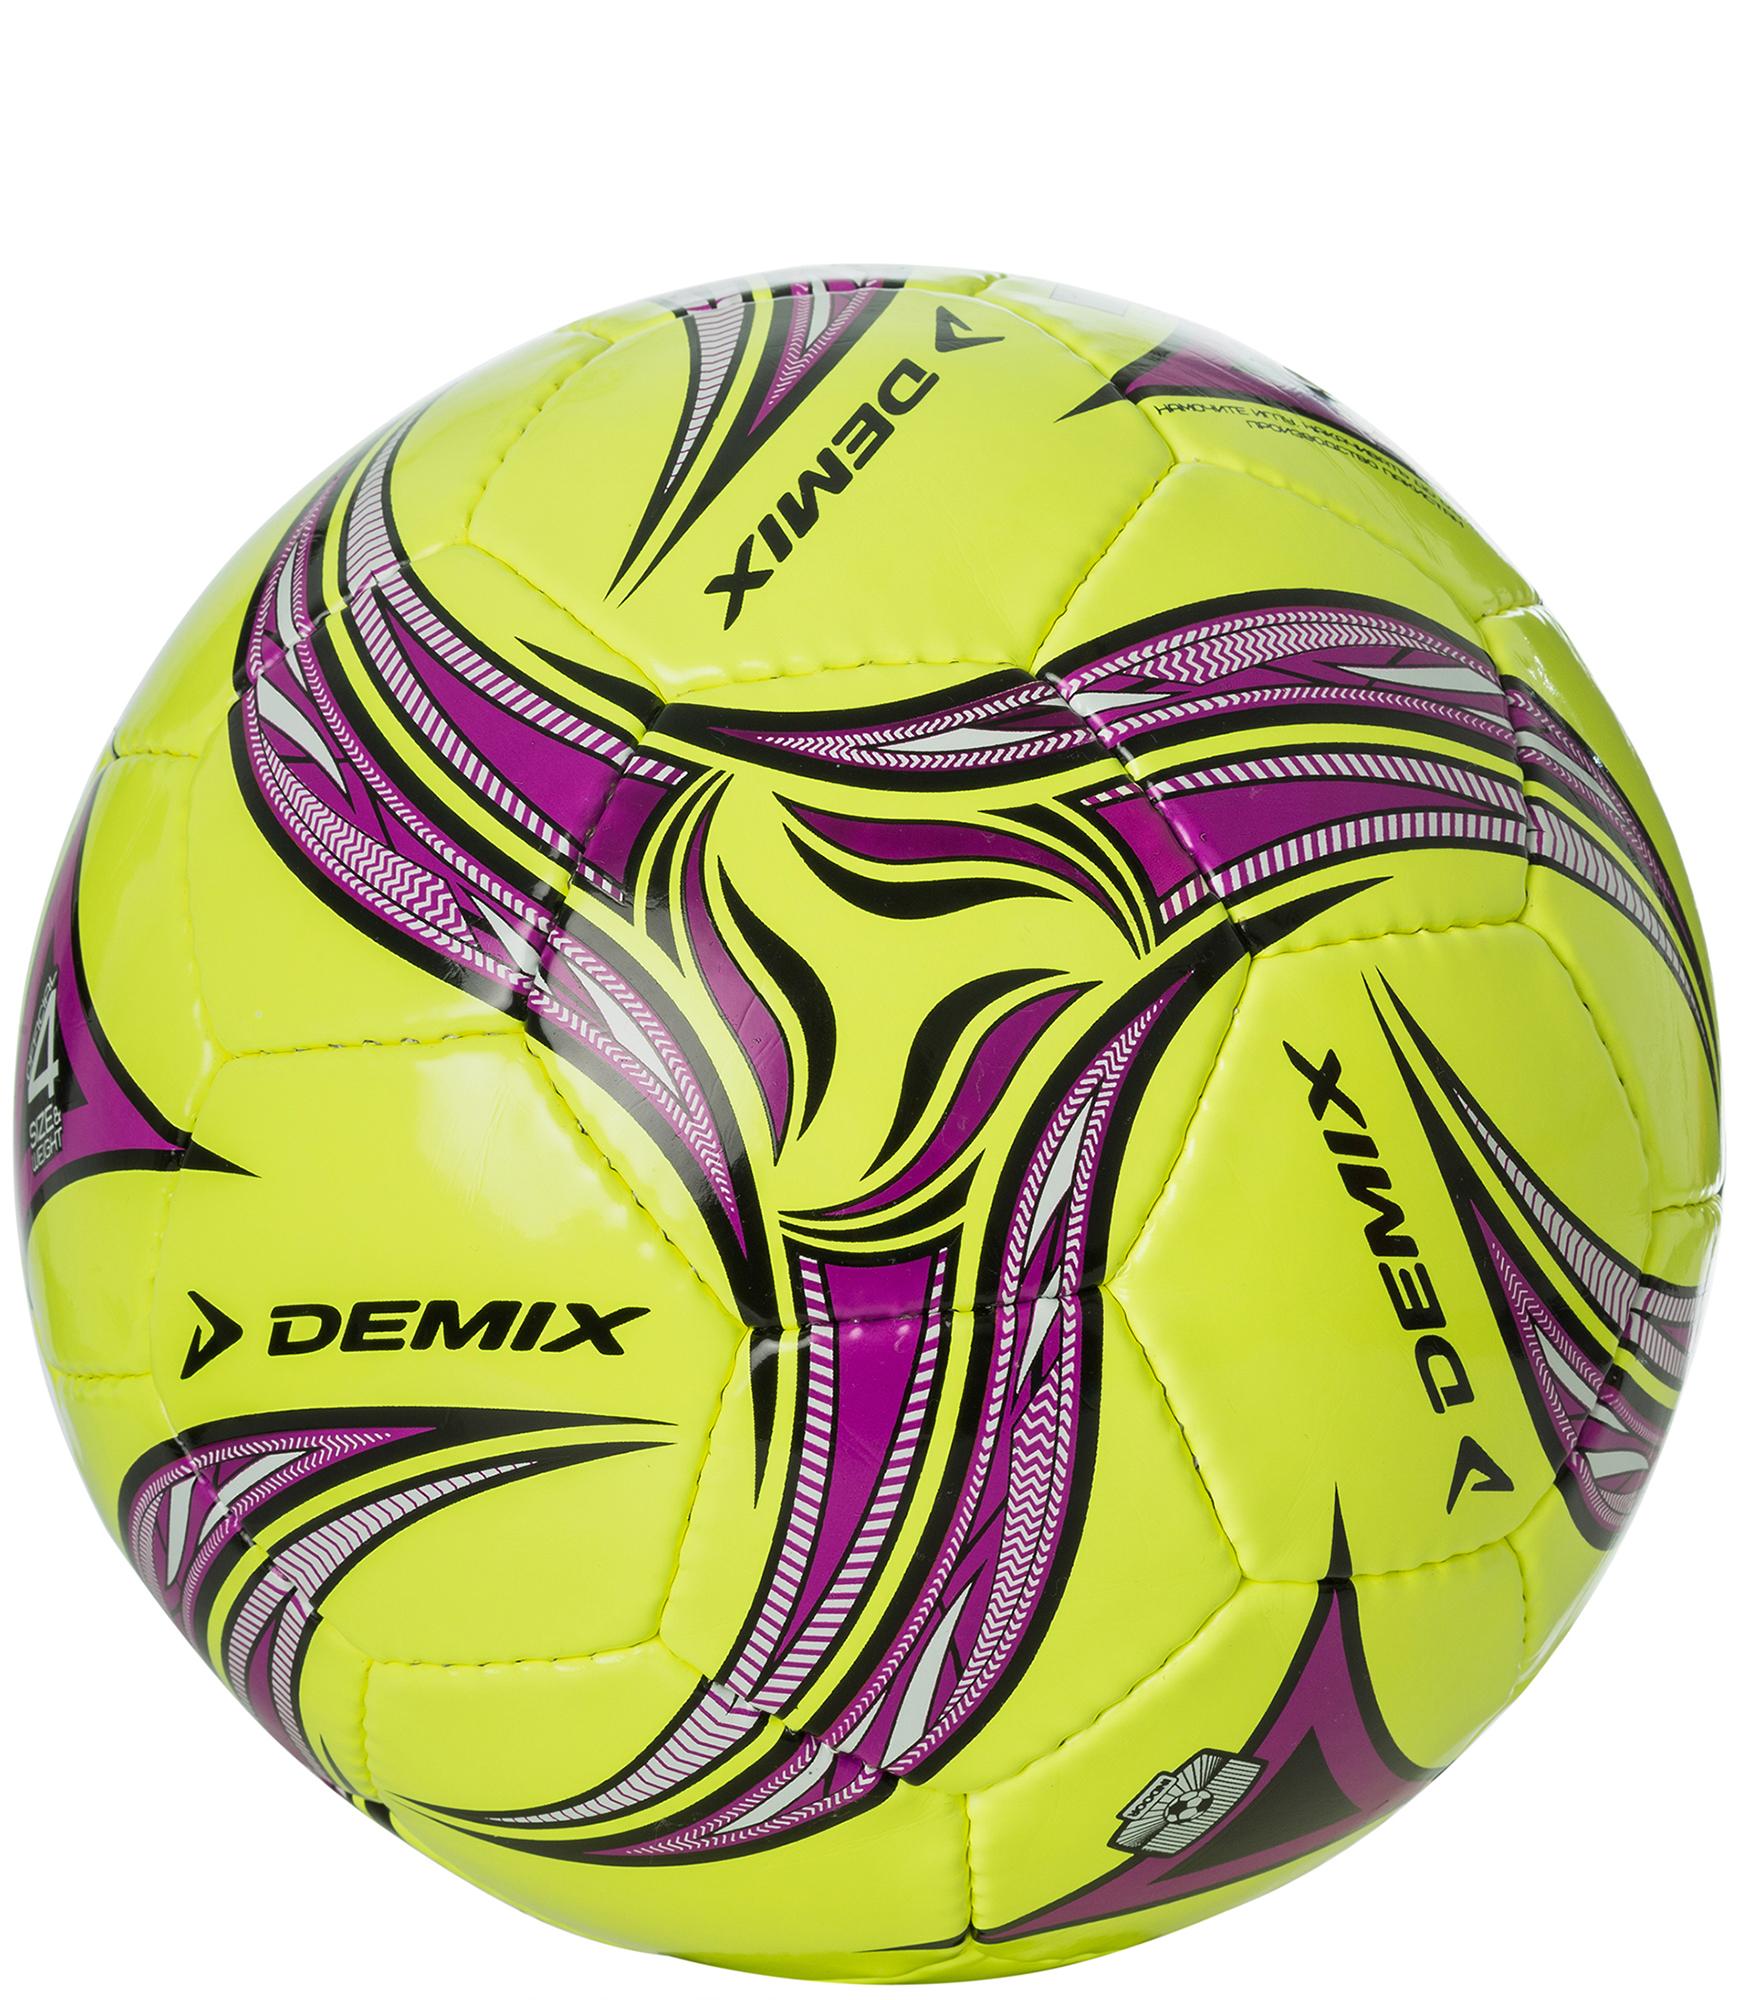 Demix Мяч футбольный Demix, размер 4